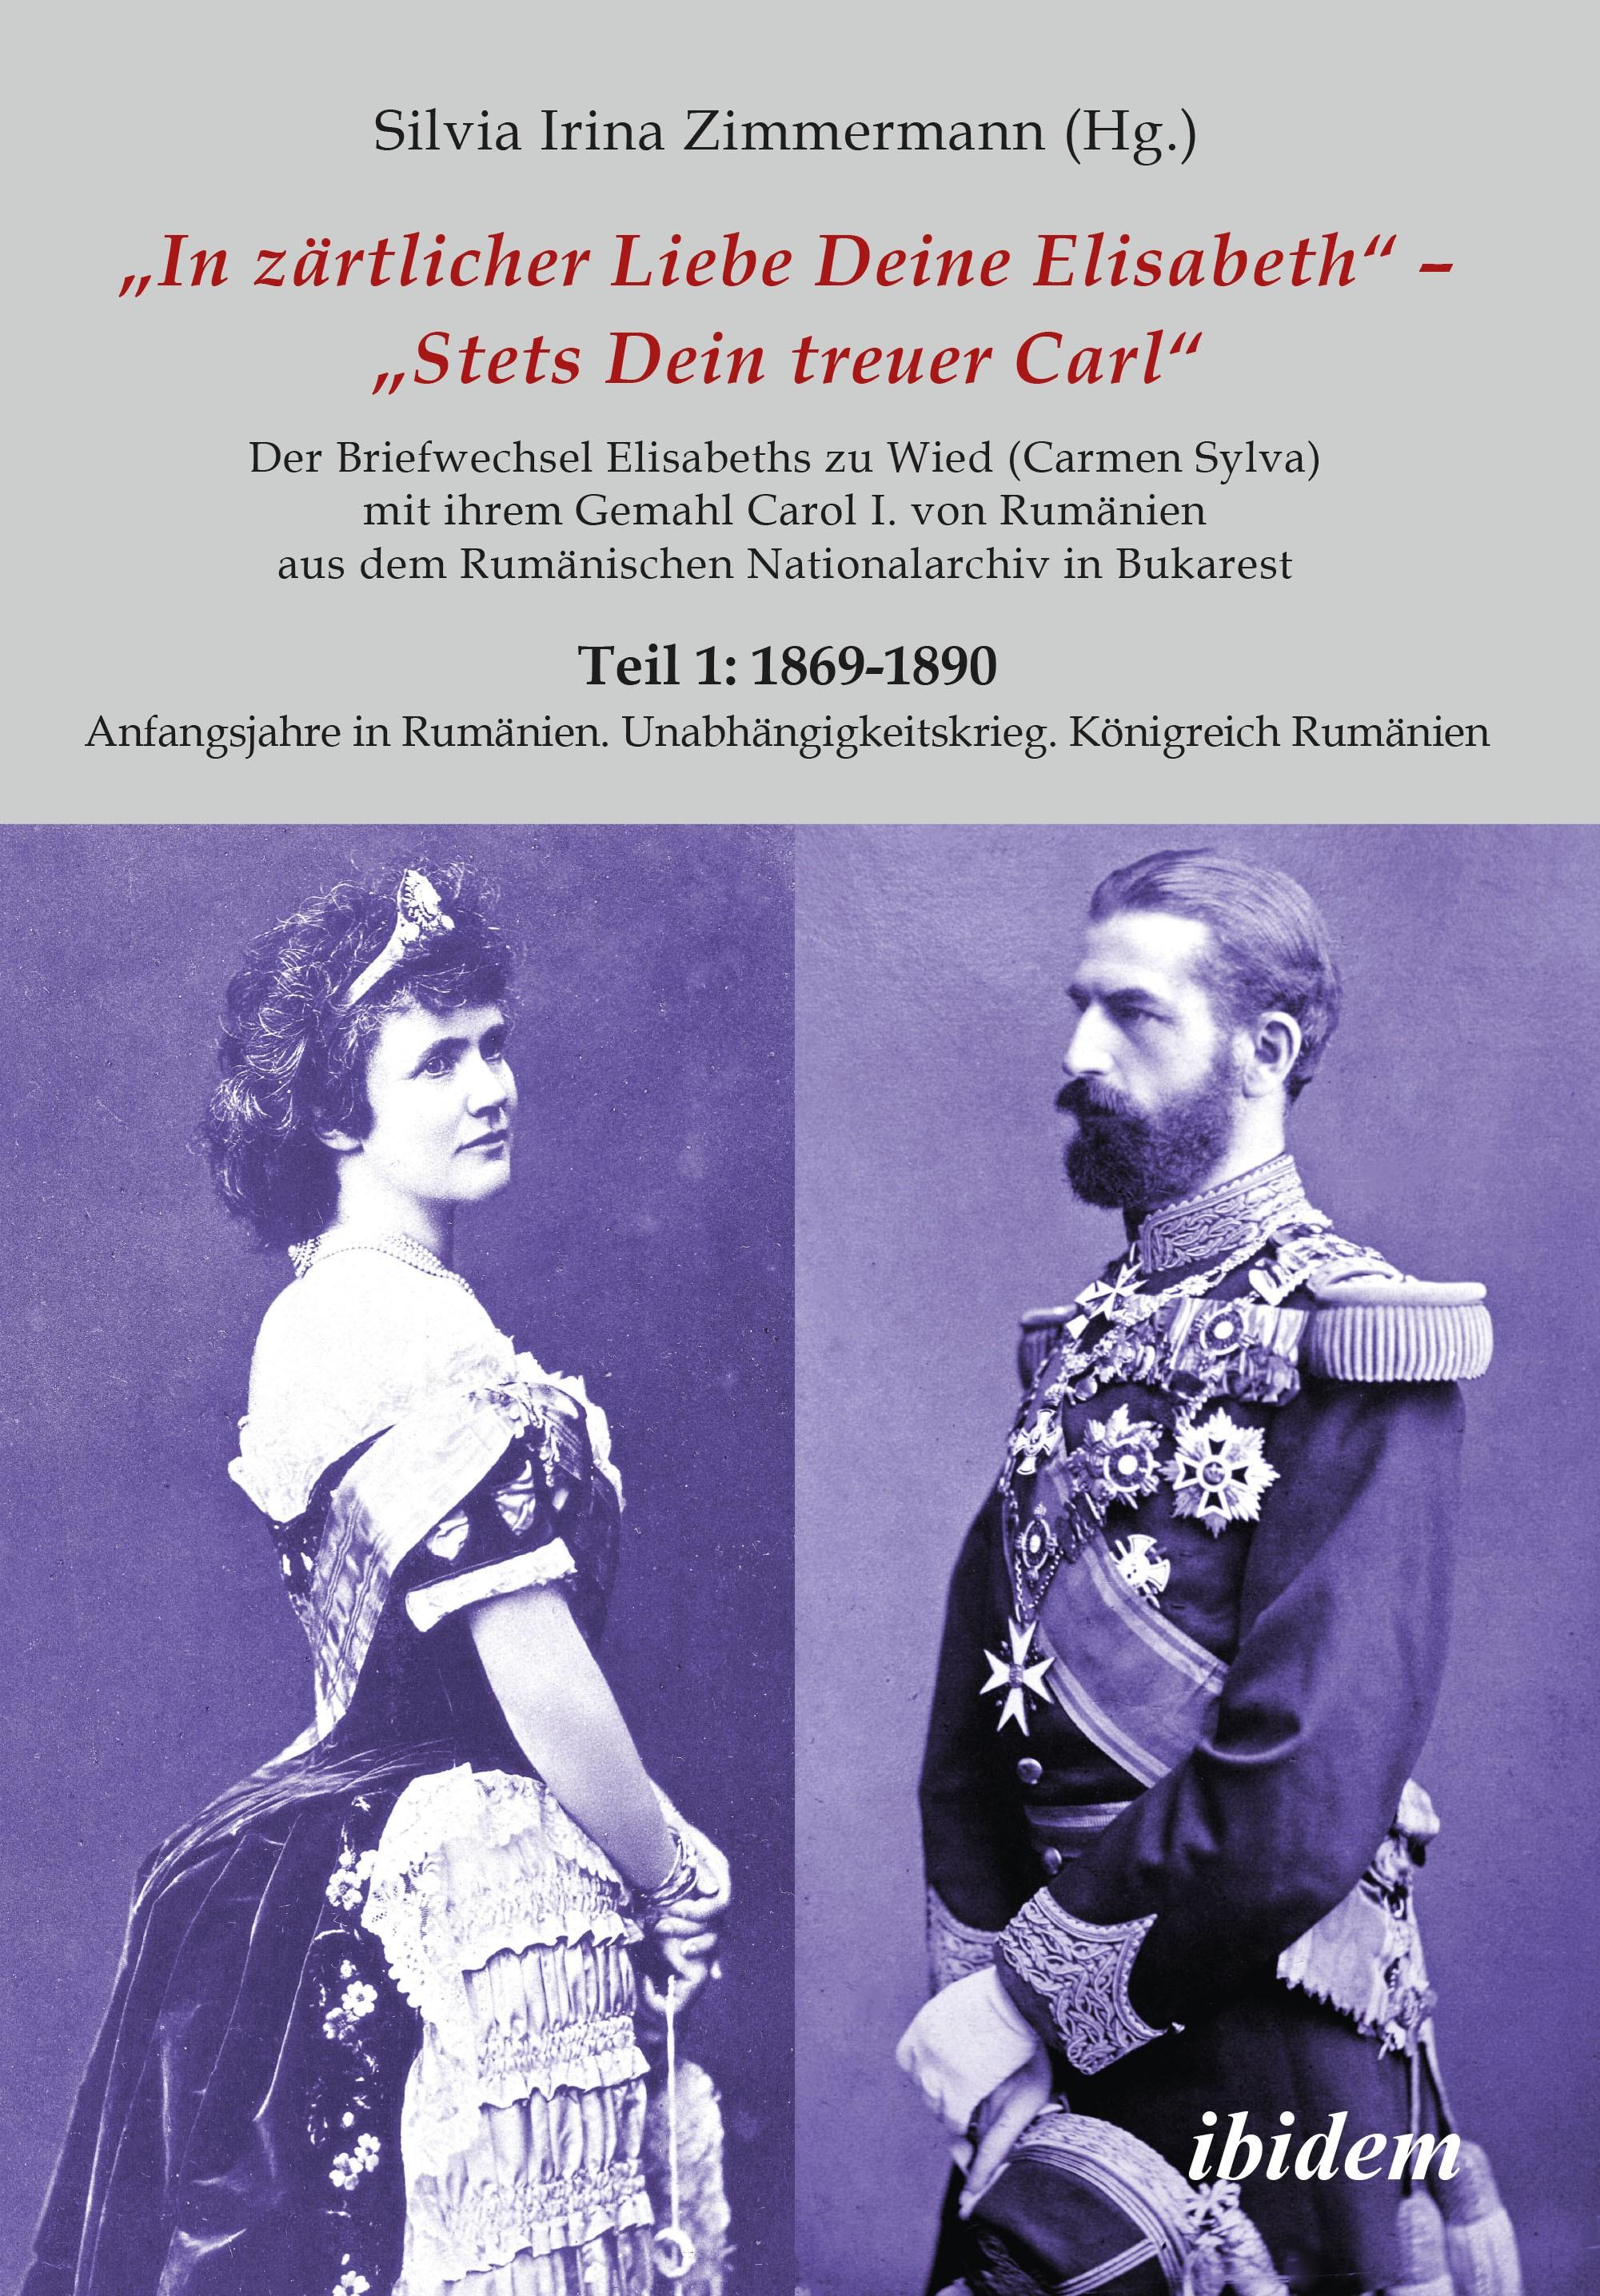 Briefe Königin Elisabeths an König Carol I. aus dem Rumänischen Staatsarchiv